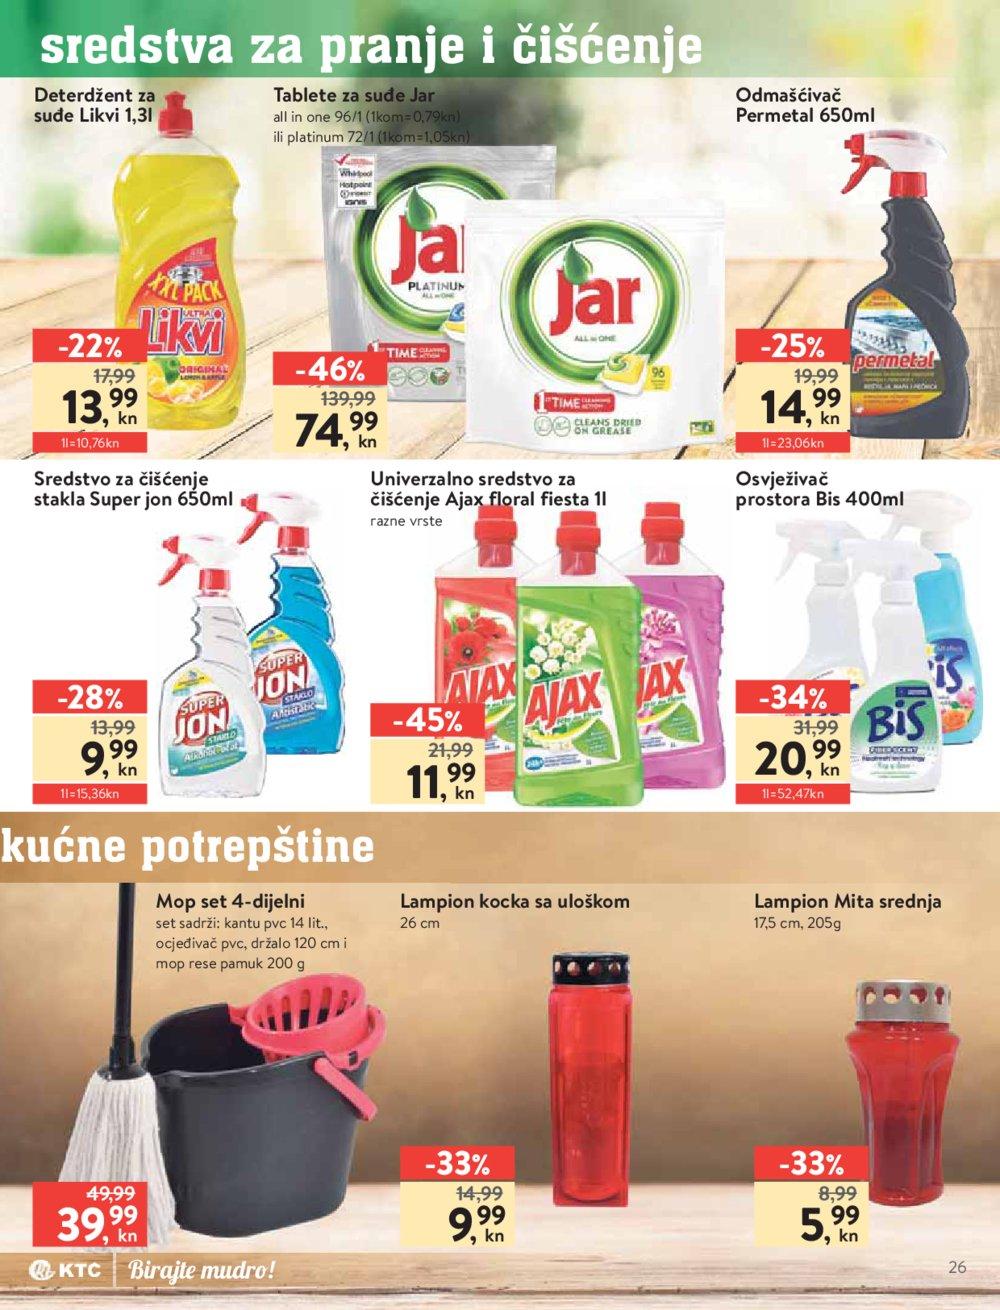 KTC katalog Široka potrošnja 04.06.-09.06.2020.